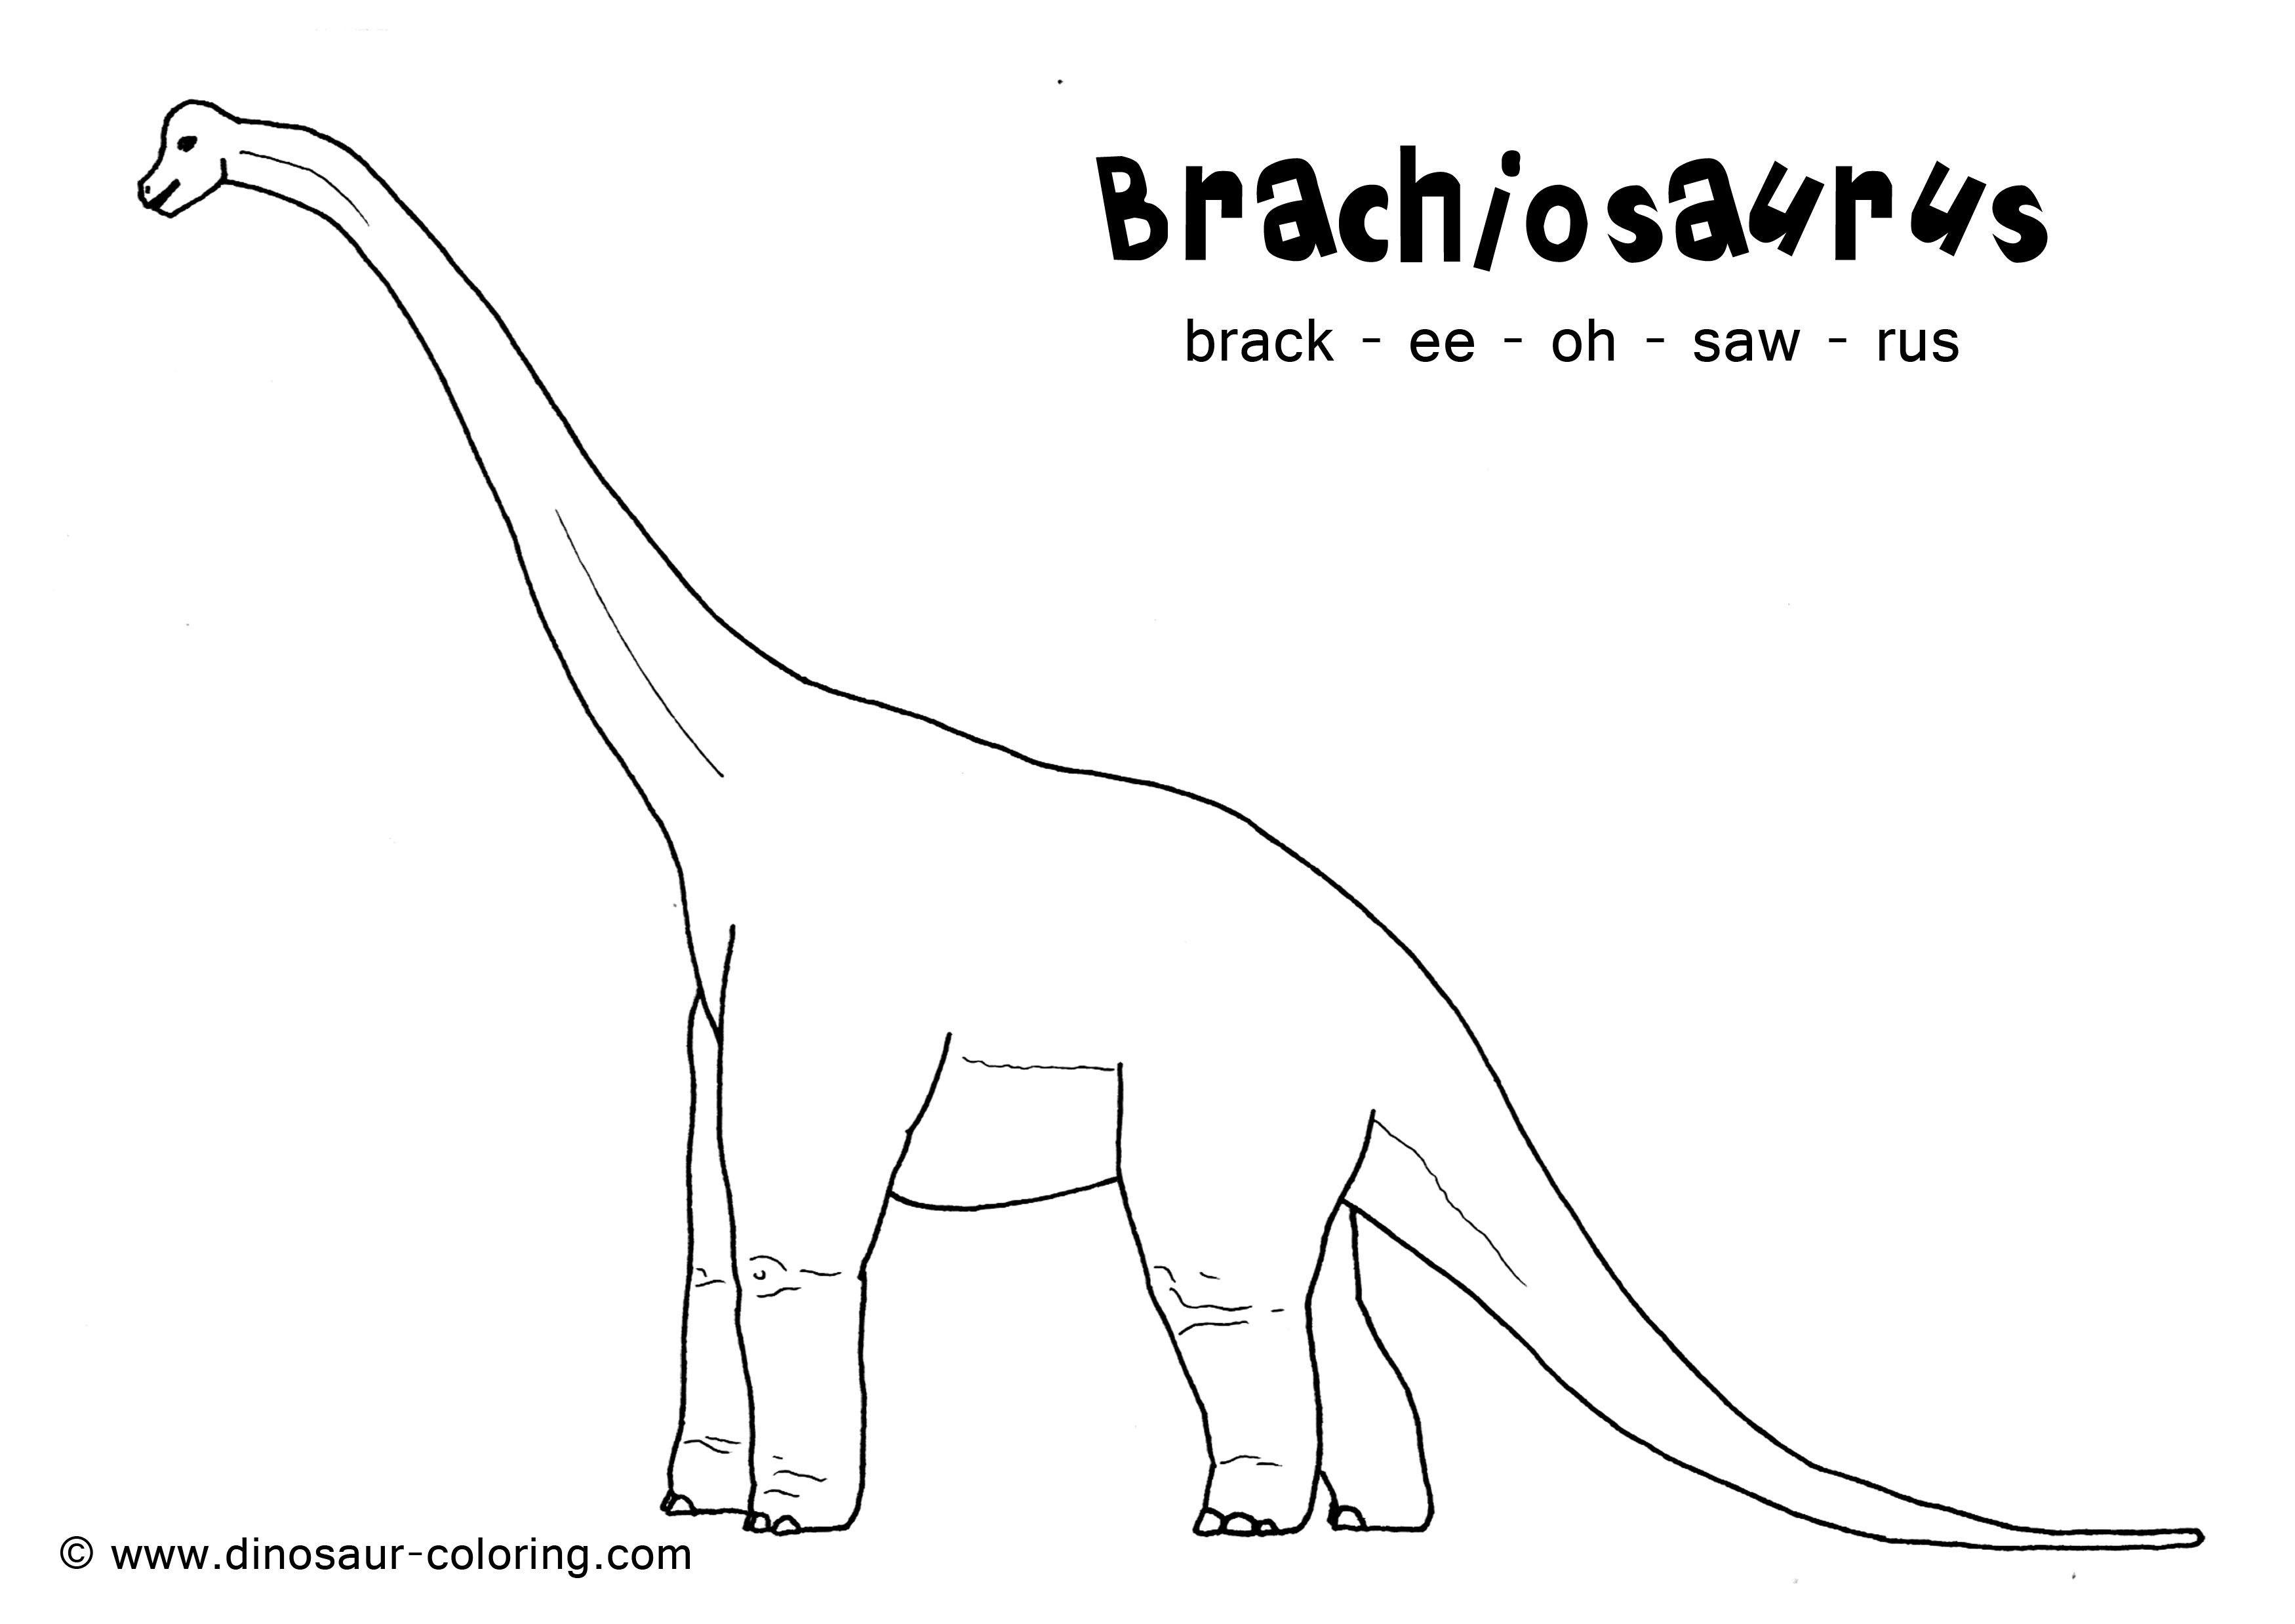 Brachiosaurus was a long necked herbivore dinosaur, that